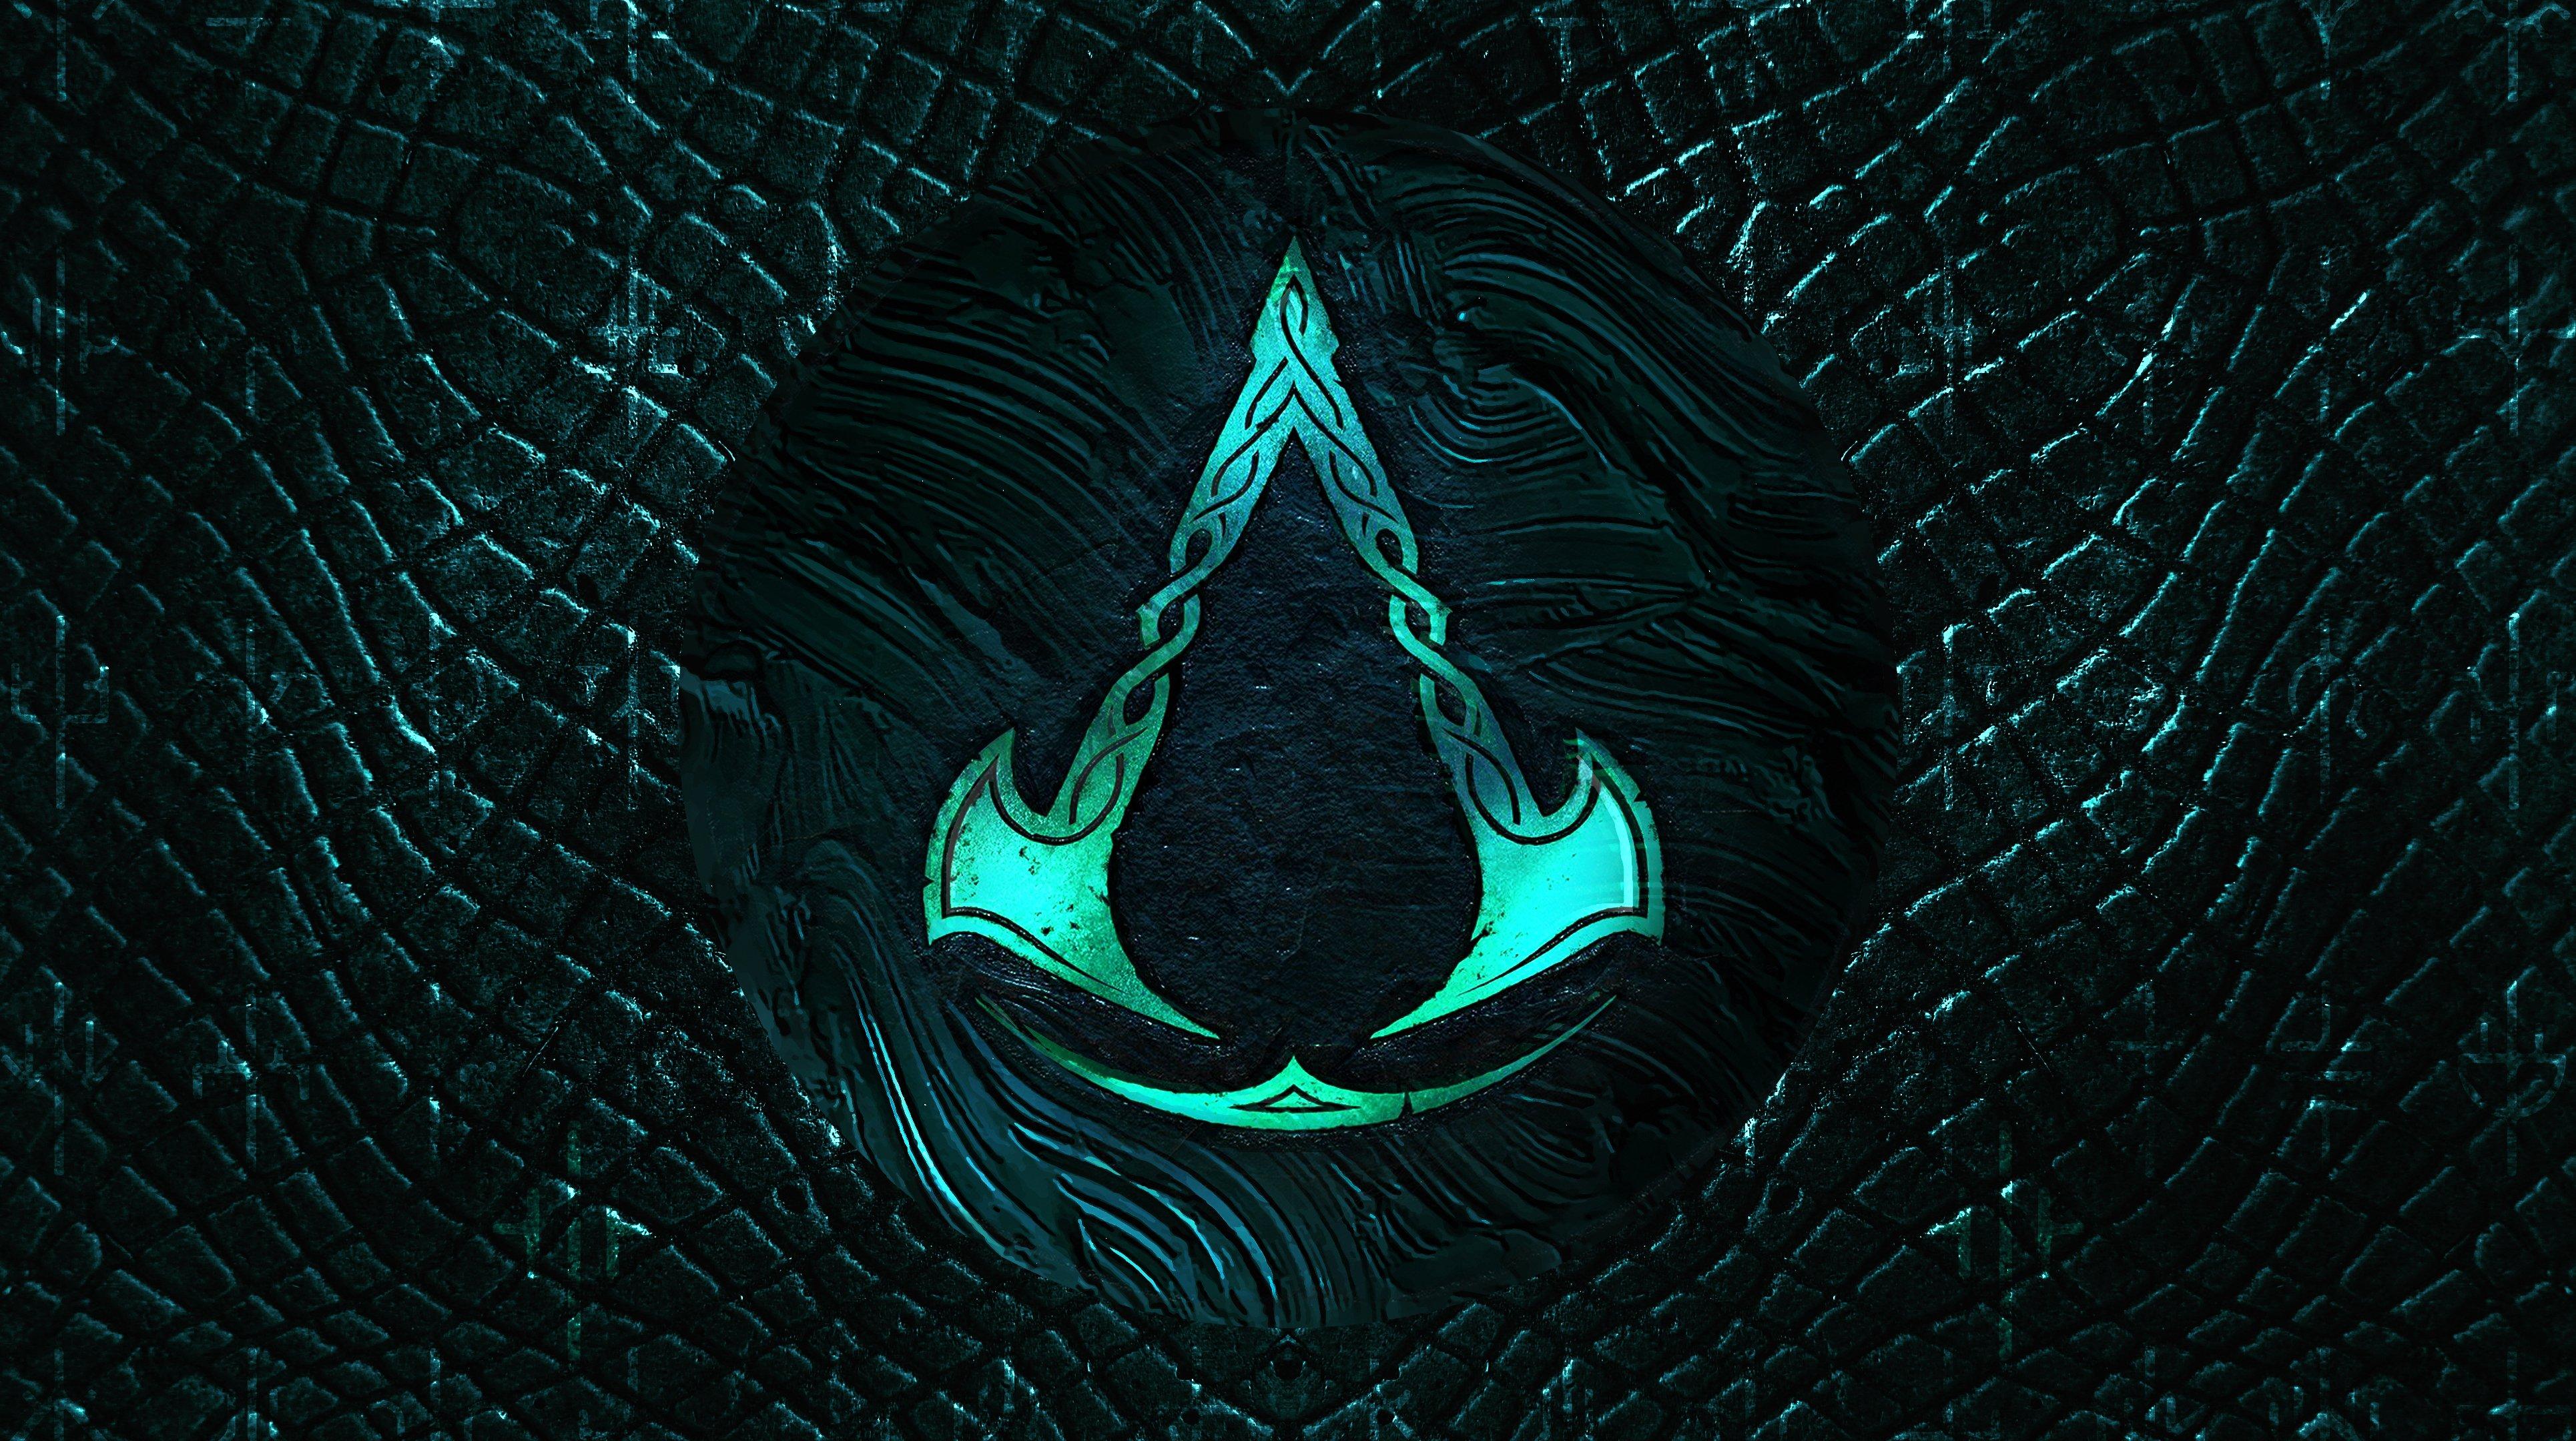 Assassin S Creed Valhalla 4k Logo Wallpaper Syanart Station